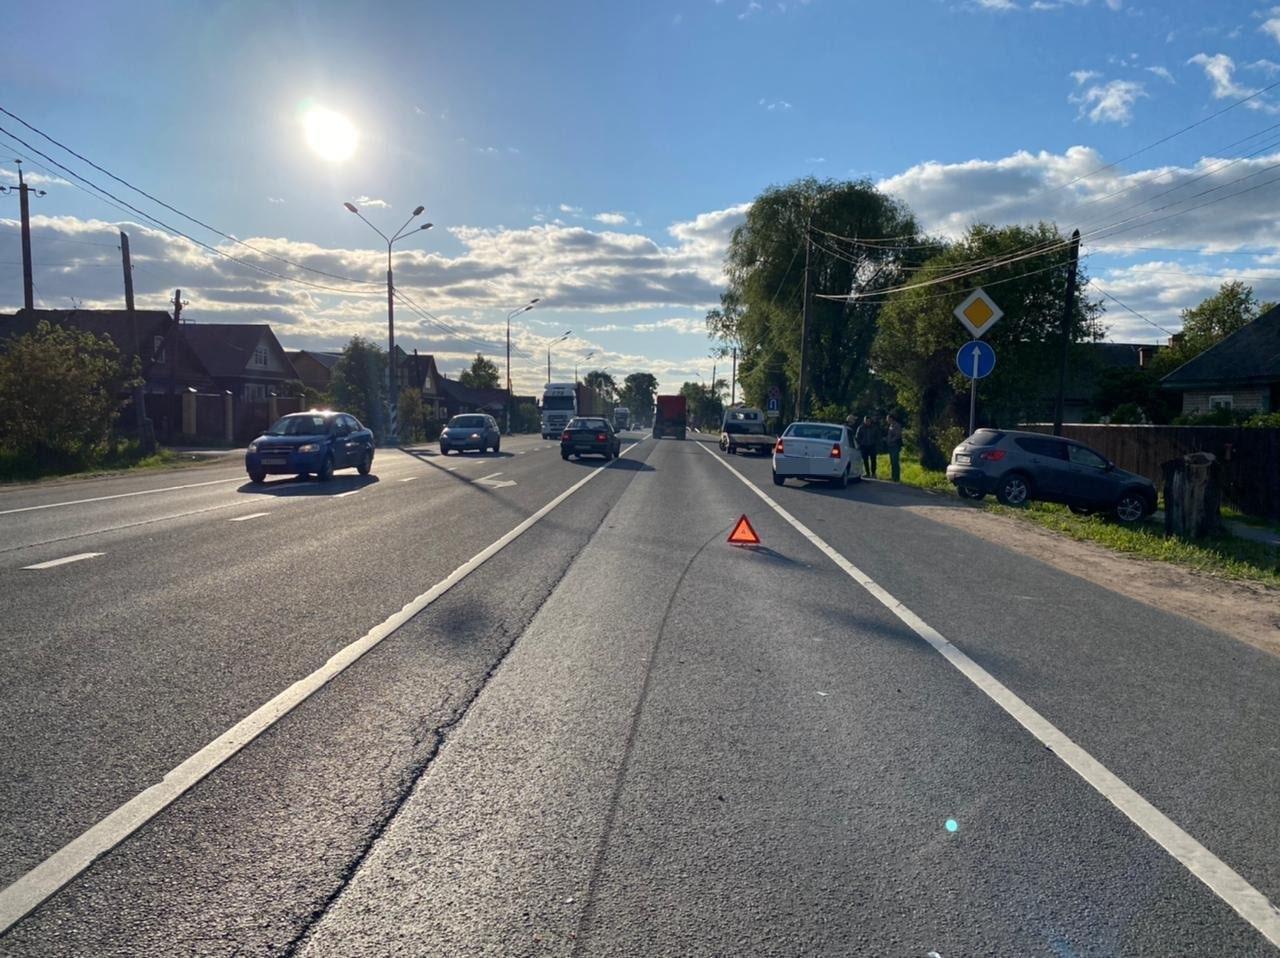 Молодой водитель без прав устроил ДТП с двумя пострадавшими в Тверской области